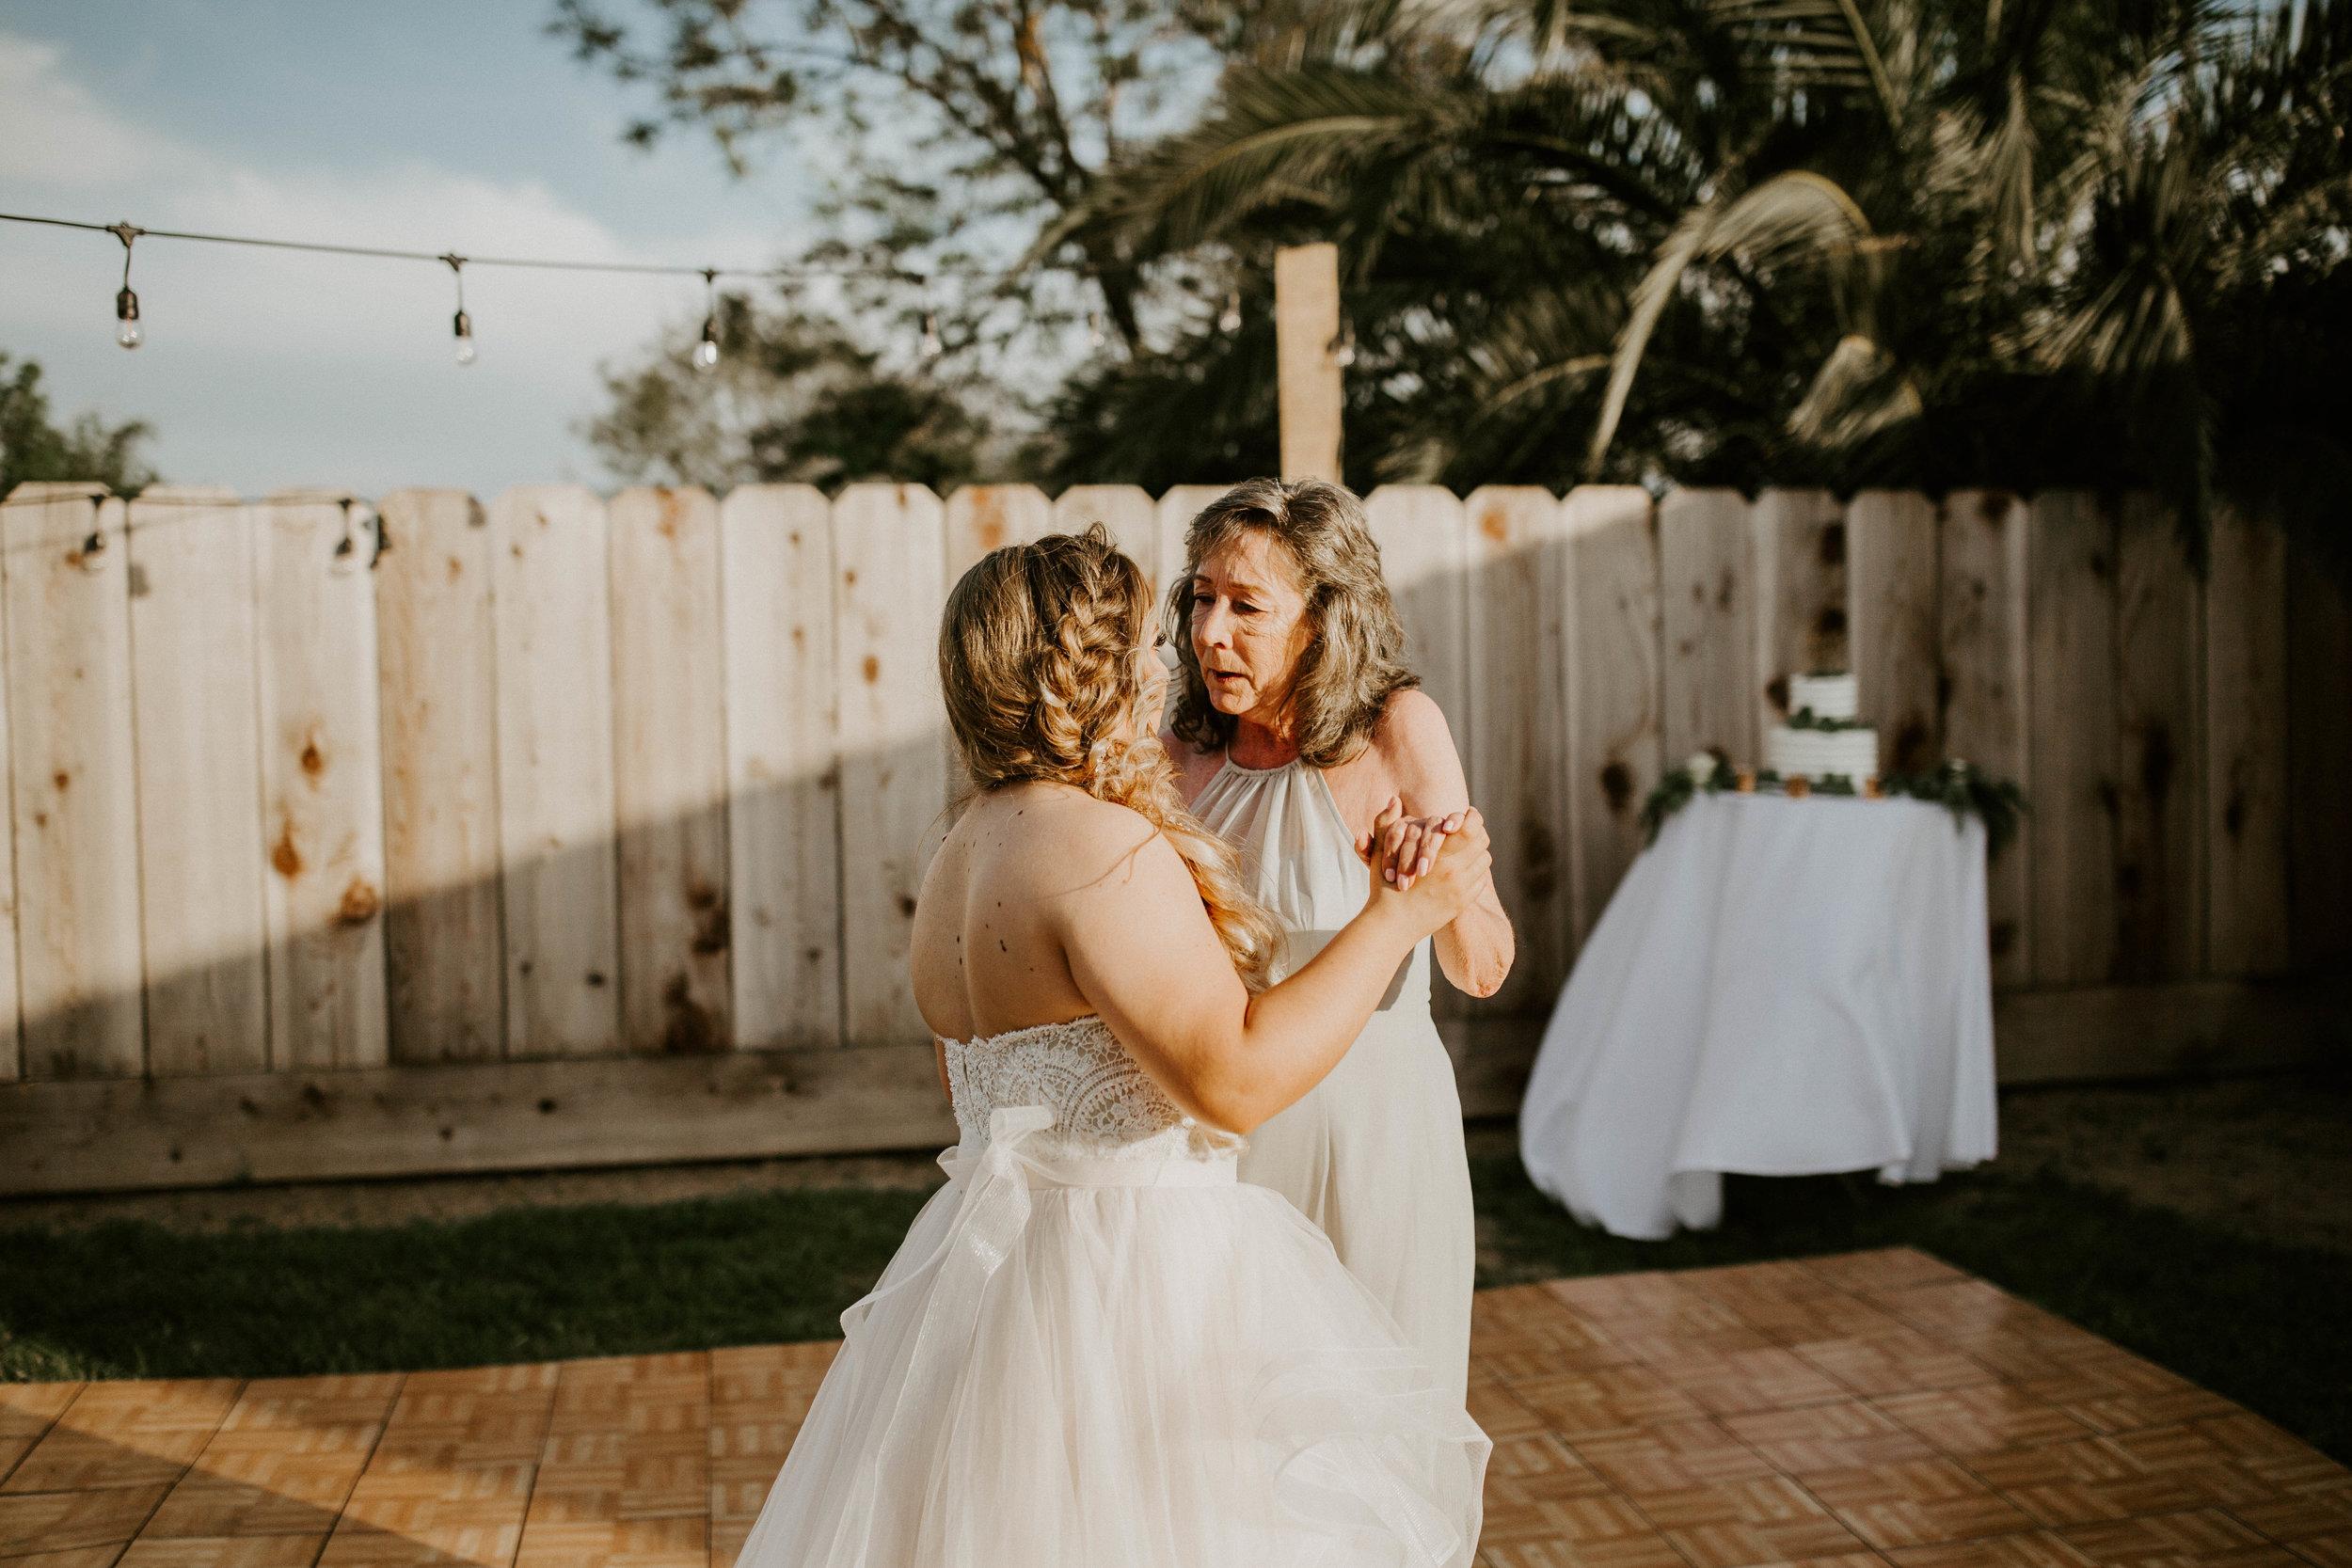 Kelsee&Yudith'sbackyardintimatewedding(404of646).jpg